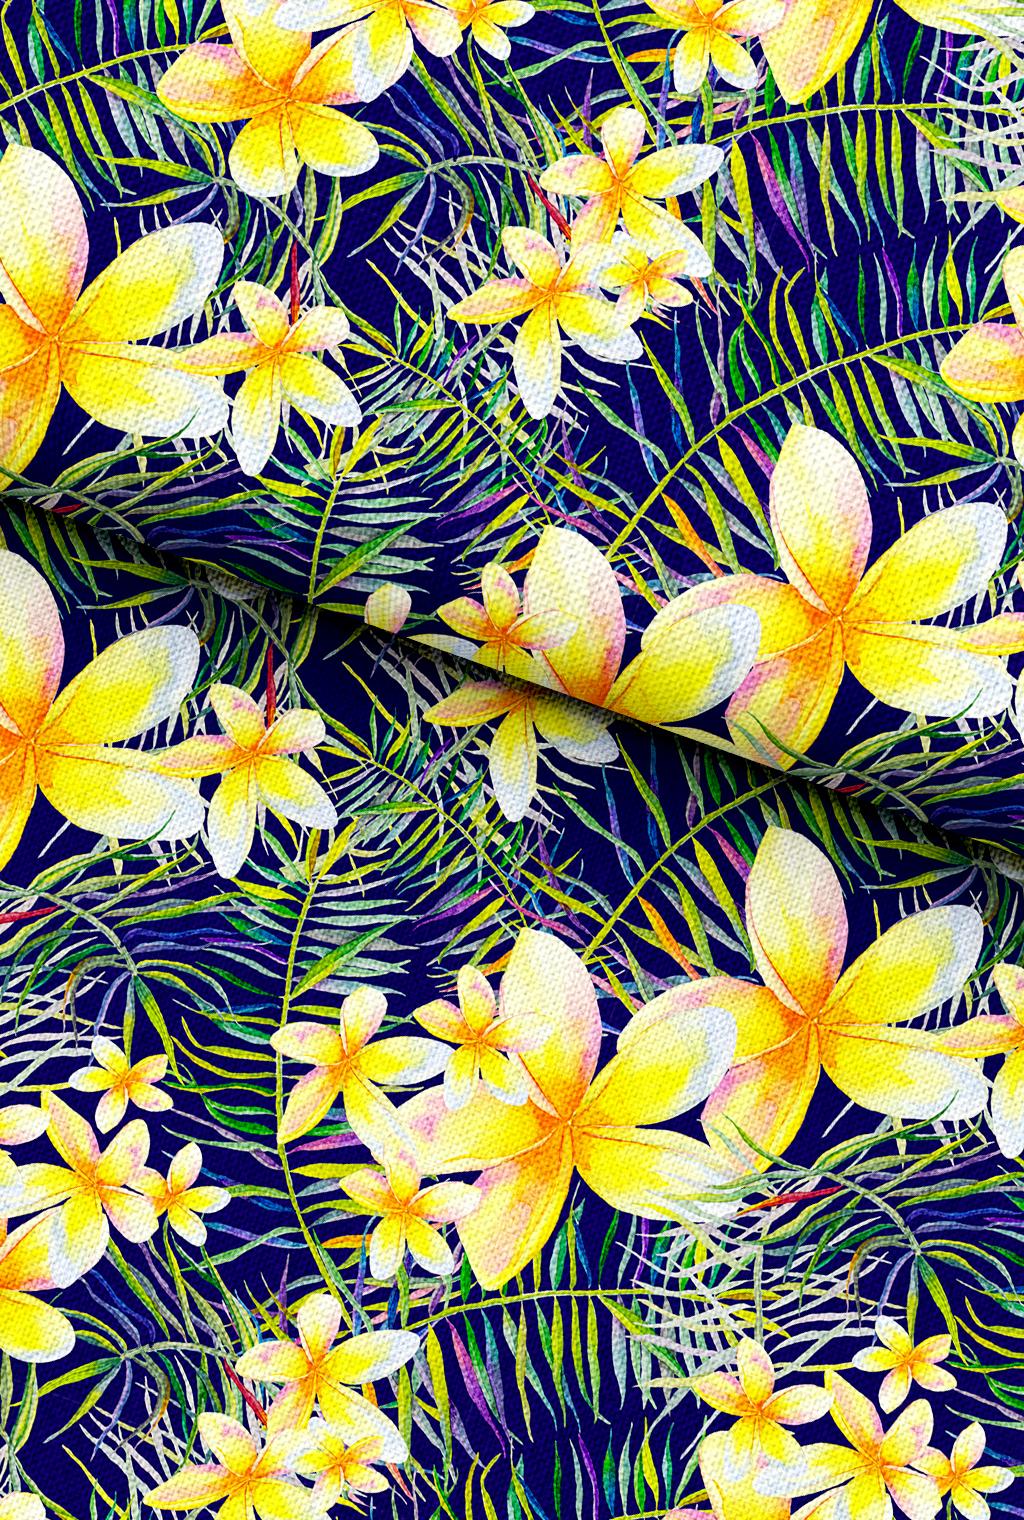 手绘油画热带植物叶子图片设计素材_高清其他模板下载